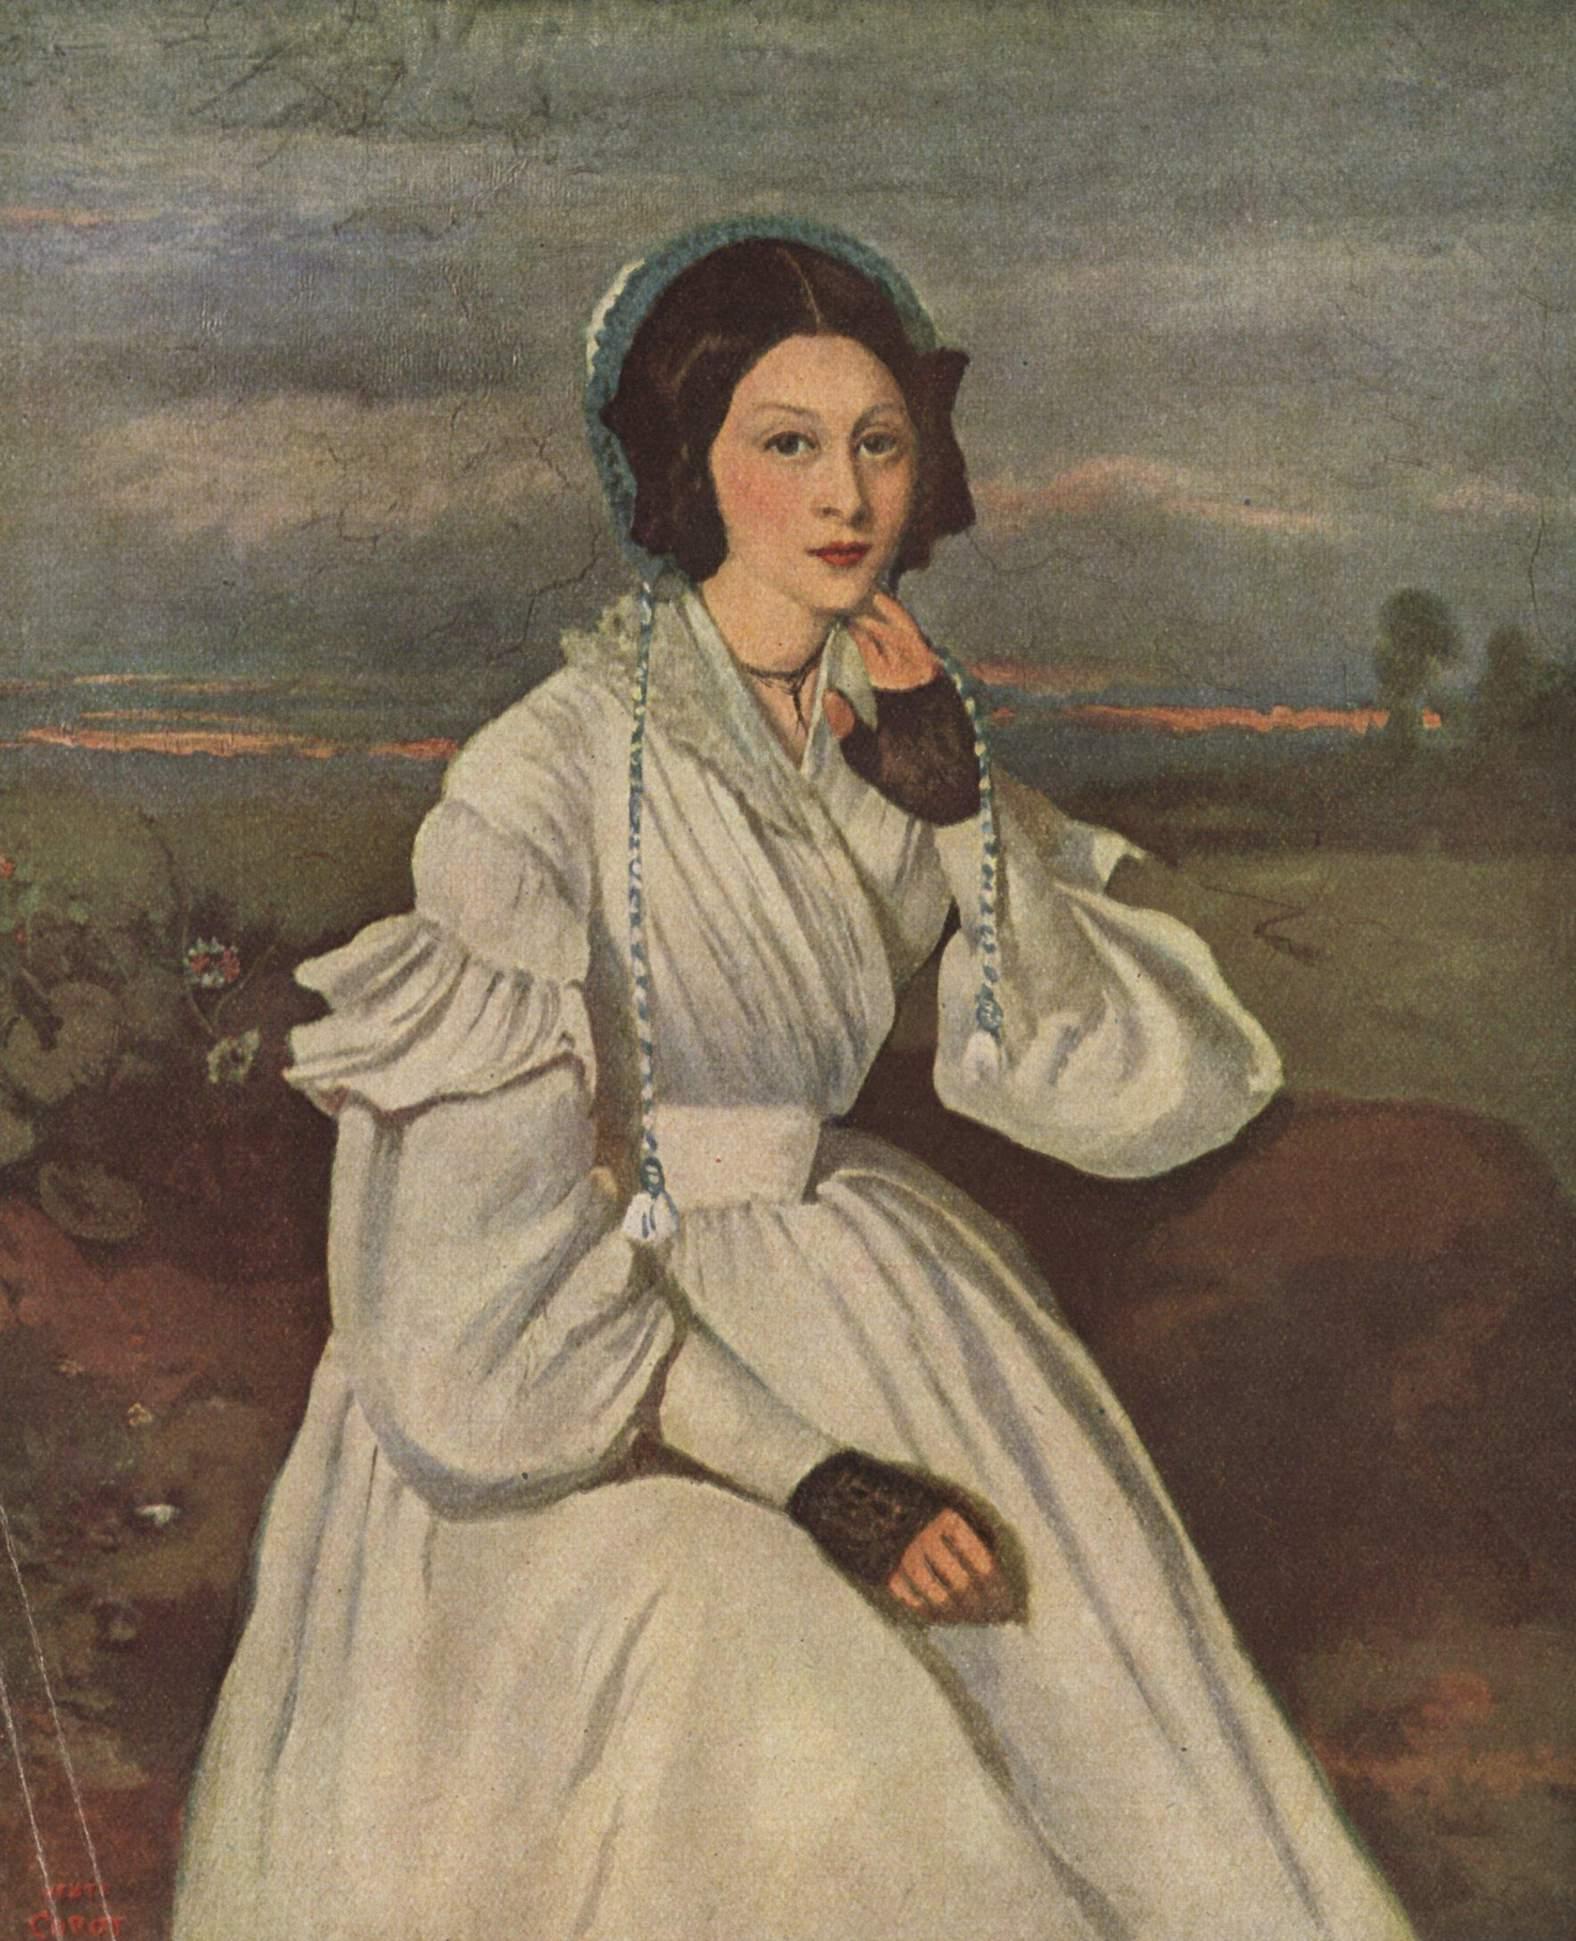 <img200*0:http://upload.wikimedia.org/wikipedia/commons/7/7e/Jean-Baptiste-Camille_Corot_038.jpg>